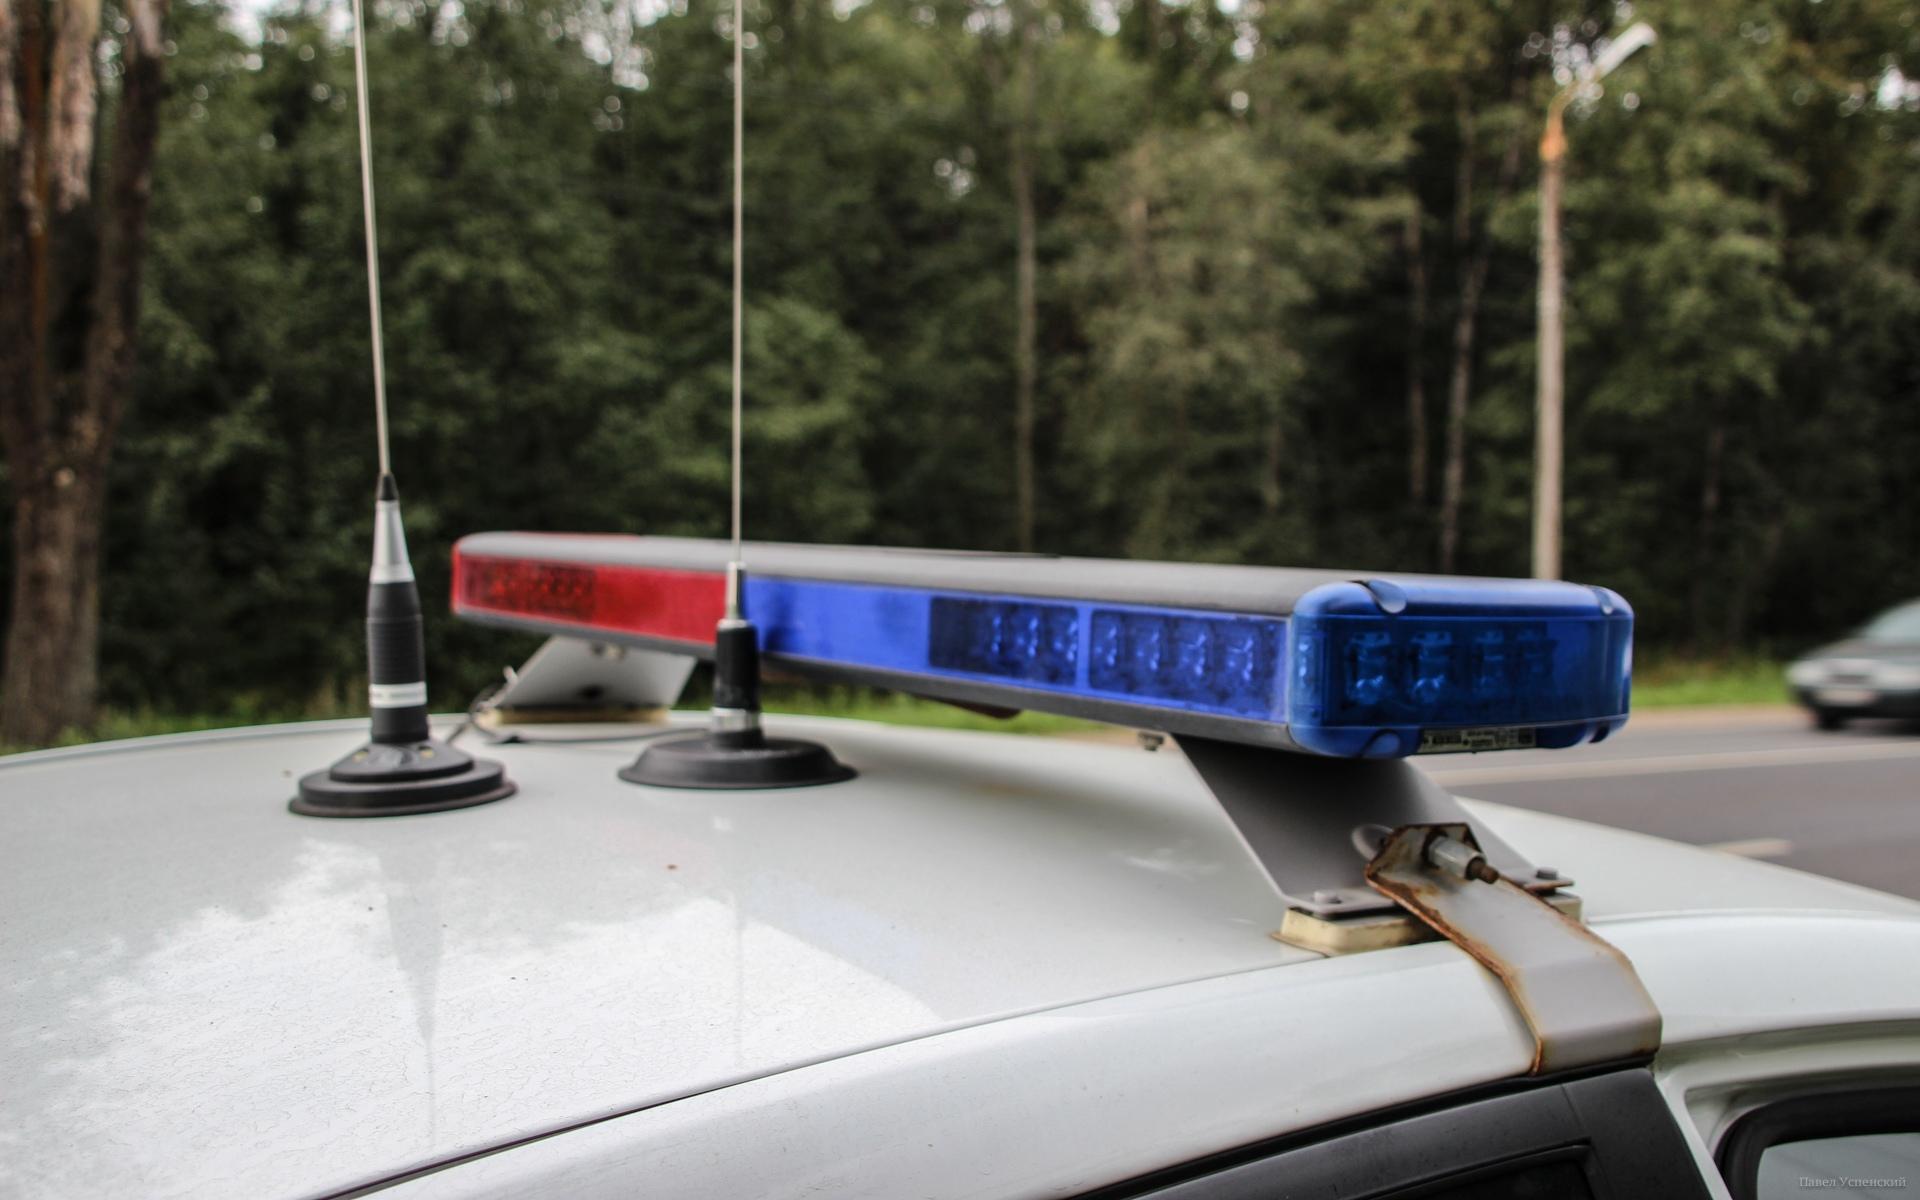 В Тверской области травмы получил водитель Лады, врезавшийся во встречный КамАЗ - новости Афанасий